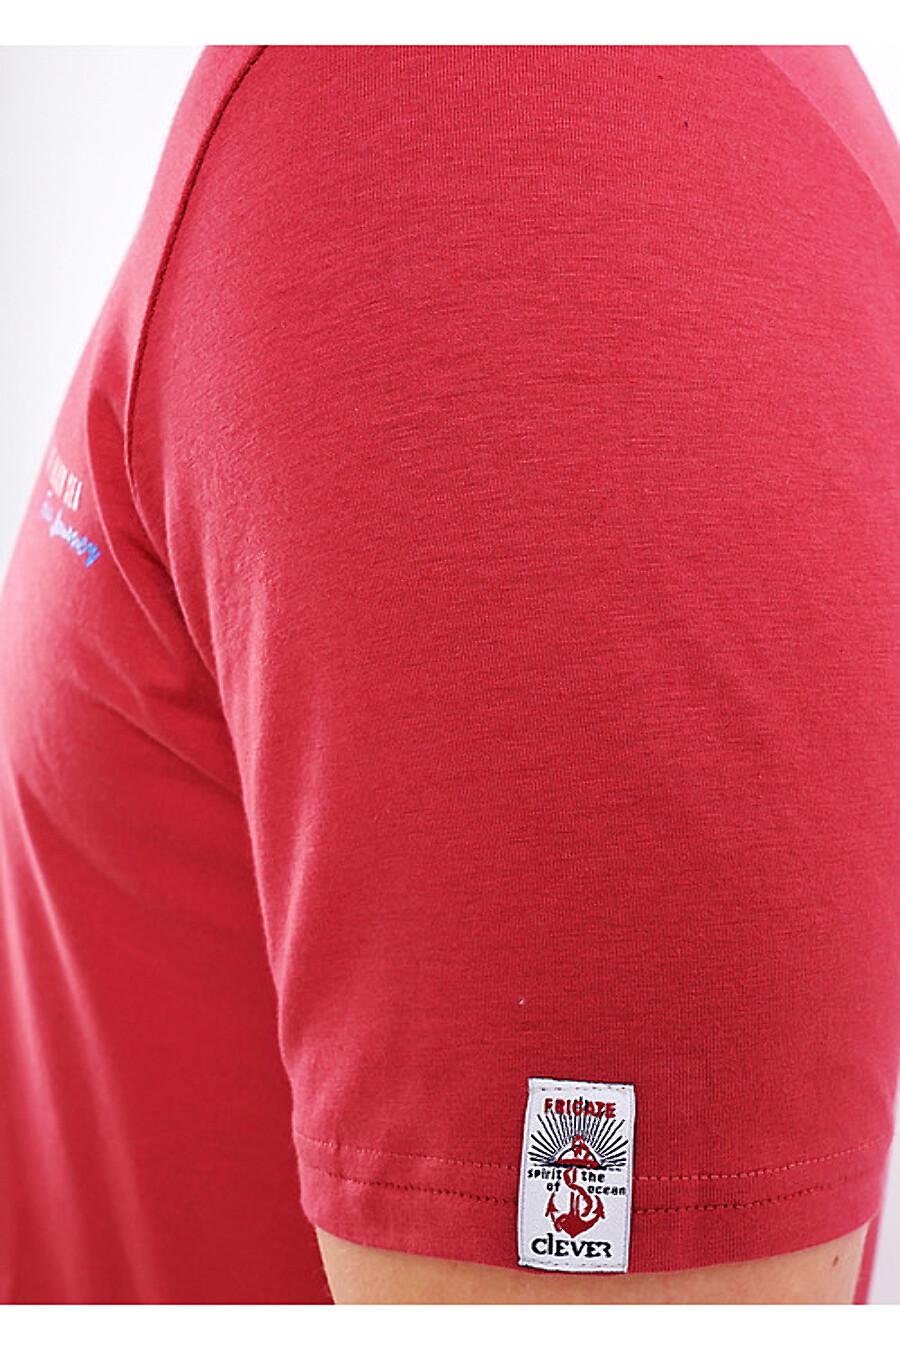 Футболка для мужчин CLEVER 169376 купить оптом от производителя. Совместная покупка мужской одежды в OptMoyo